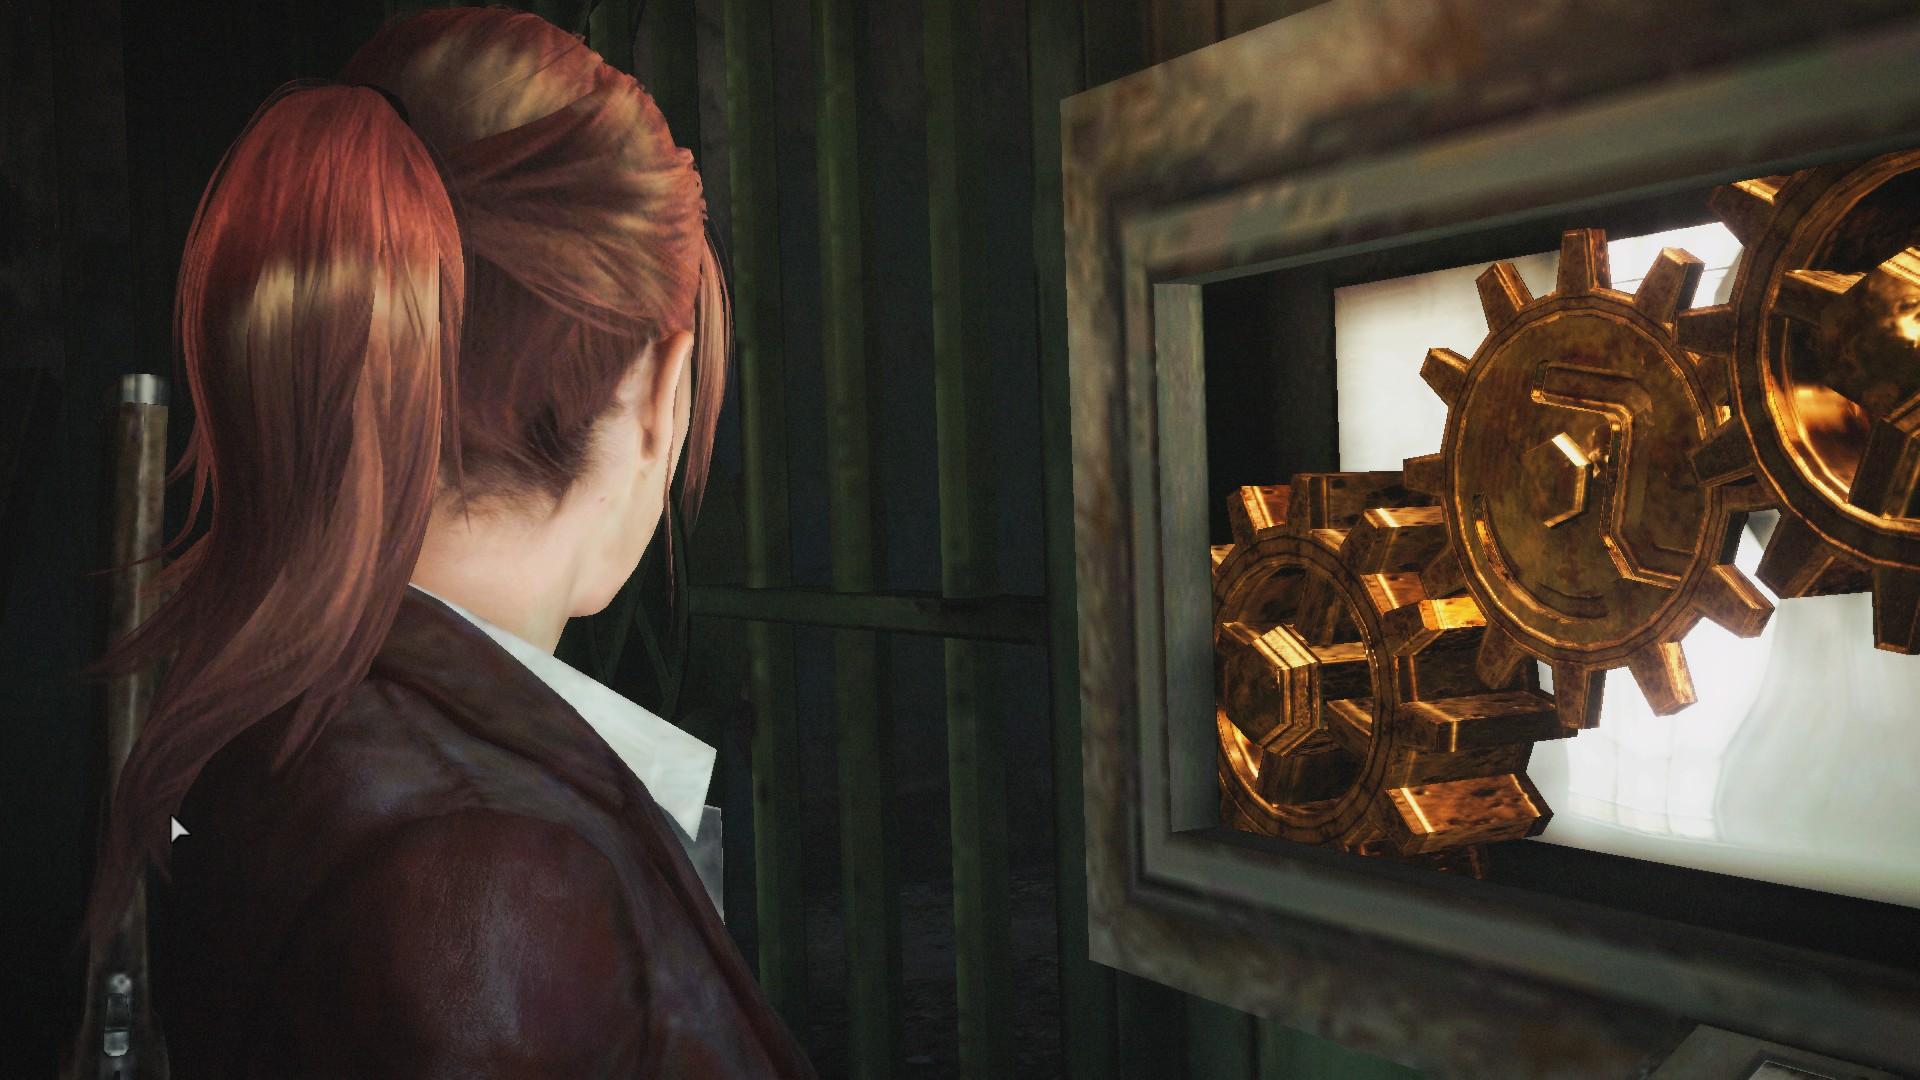 [عکس: Tower_Emblem_3_Resident_Evil_Revelations_2_1.jpg]